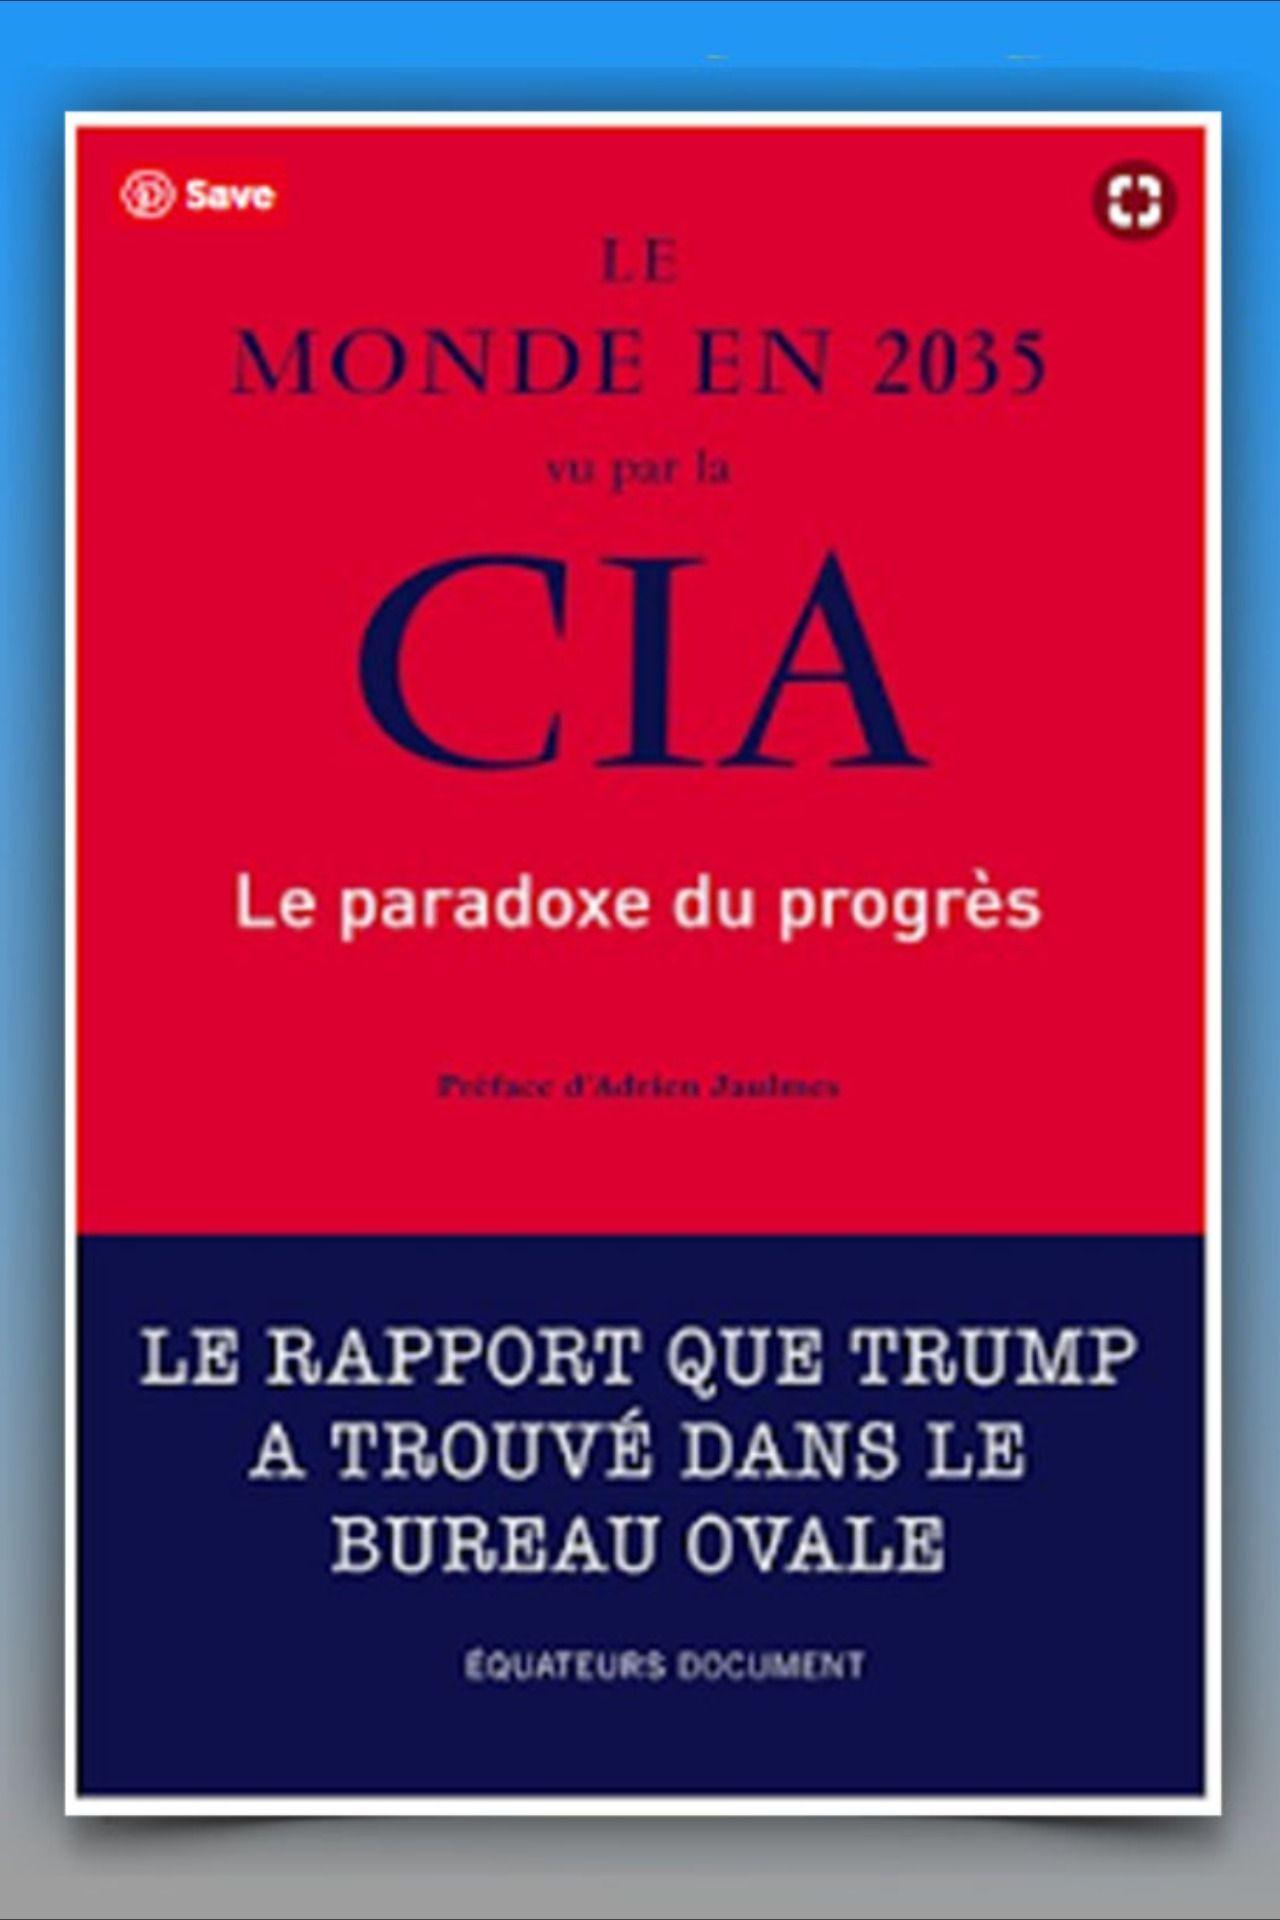 Le Monde En 2035 Vu Par La Cia Pdf En 2020 Bureau Ovale Le